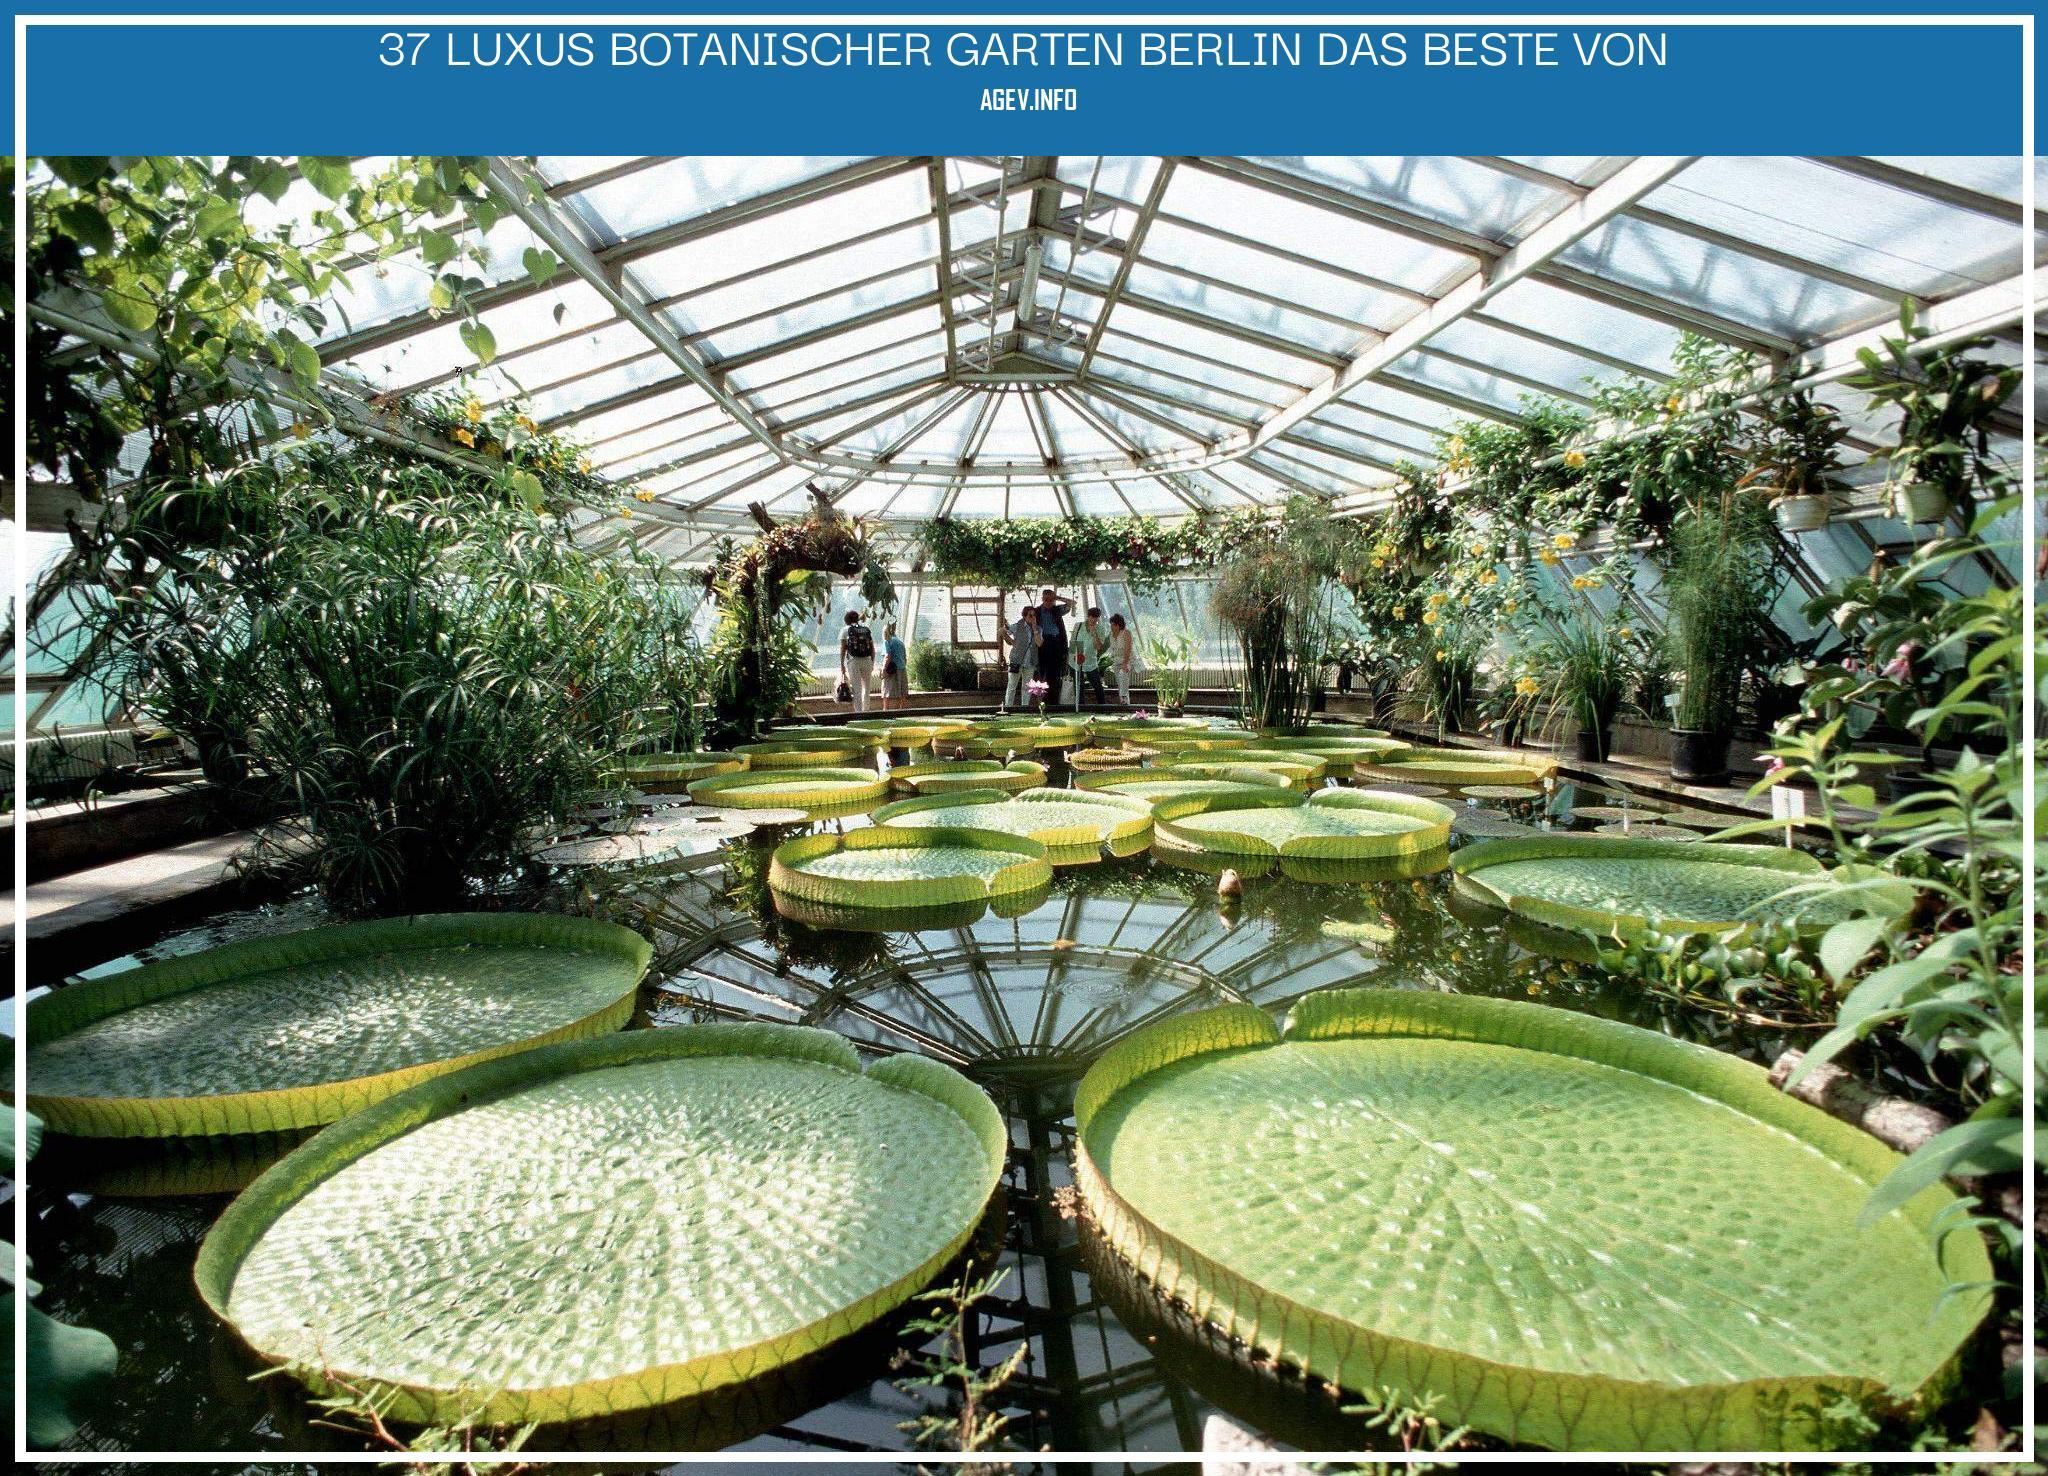 Botanischer Garten Berlin Elegant Berlin Der Botanische Garten Droht Finanziell Auszutrocknen